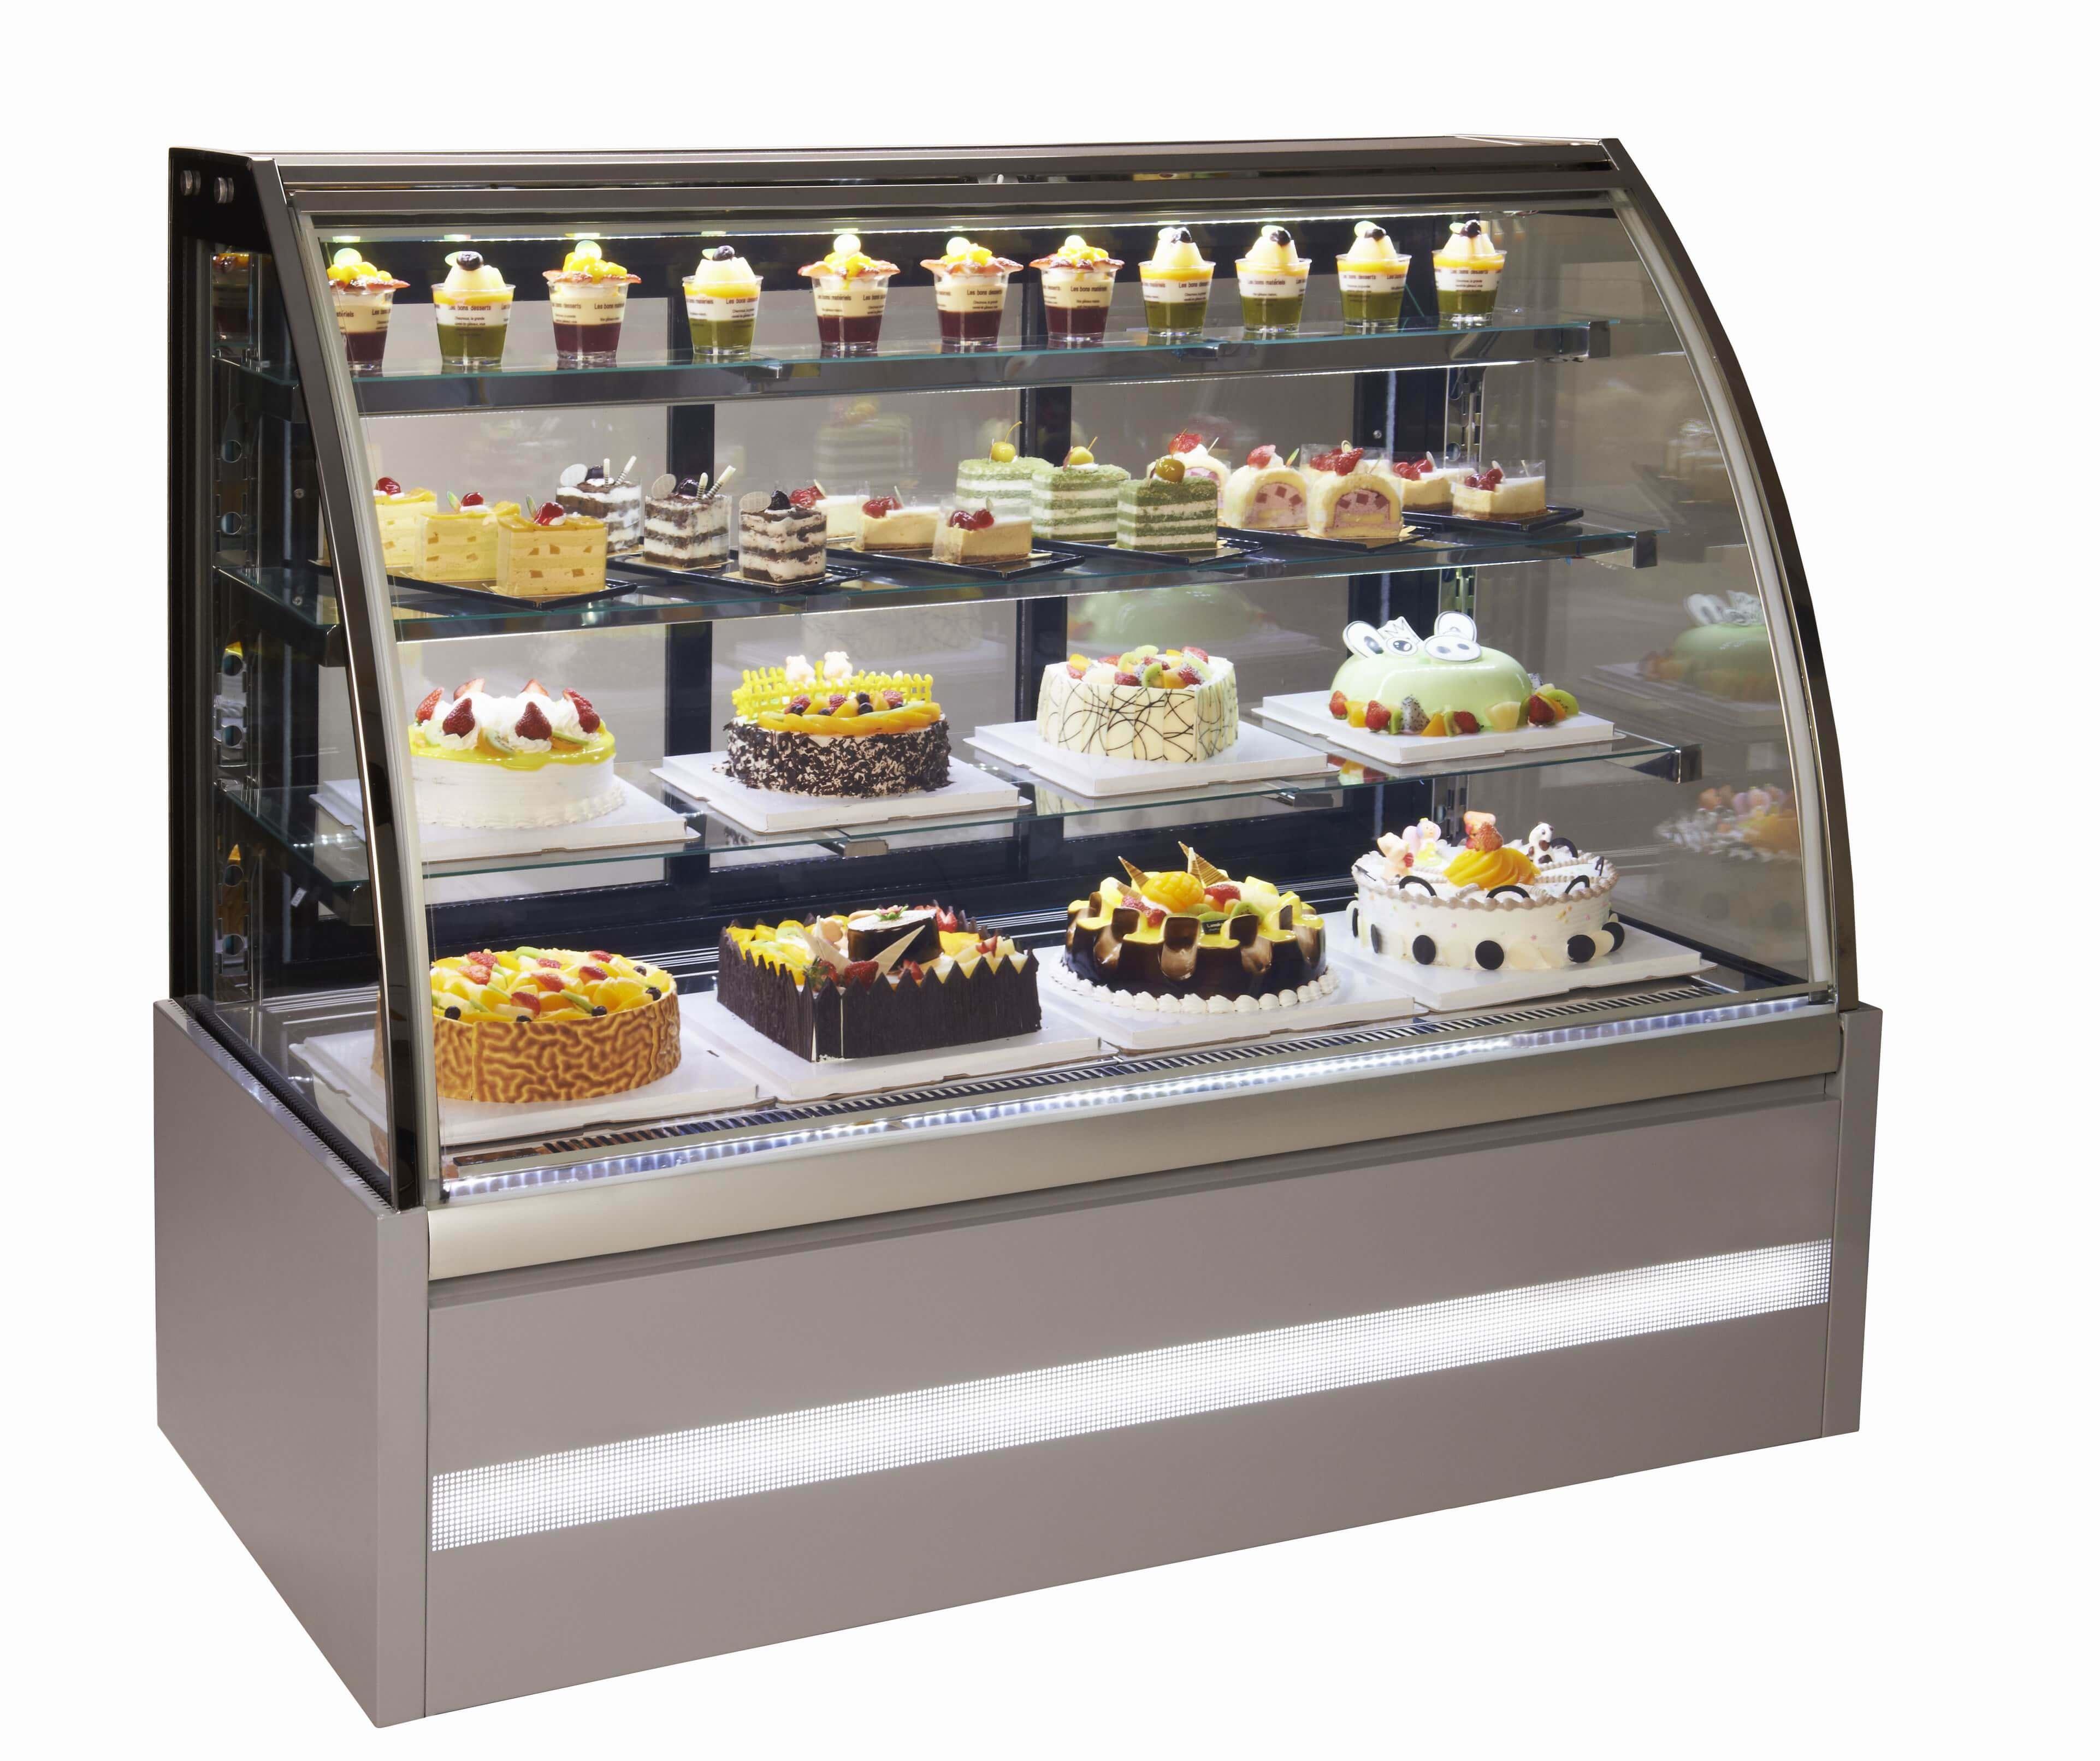 מקררי עוגות / מקפיאי עוגות גלידה